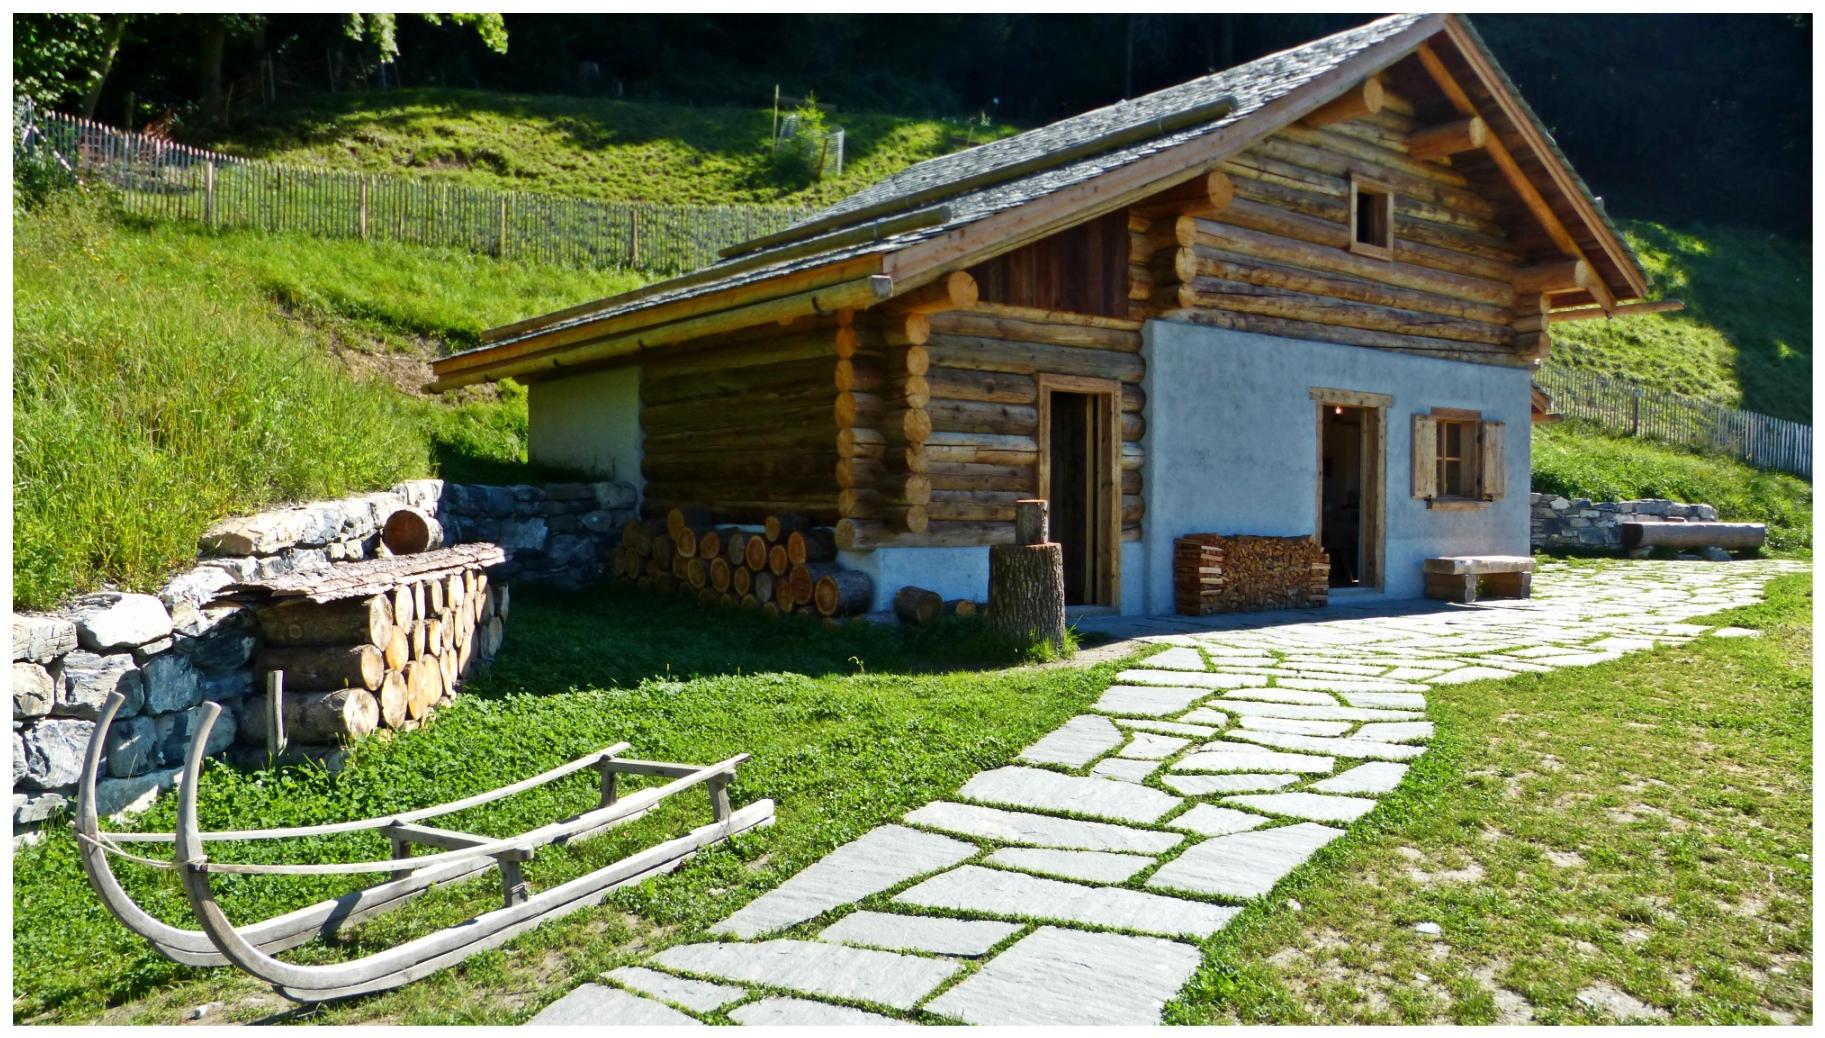 Heididorf el mundo de heidi en los alpes suizos mundoxdescubrir te lo vas a perder - Casas en los alpes suizos ...